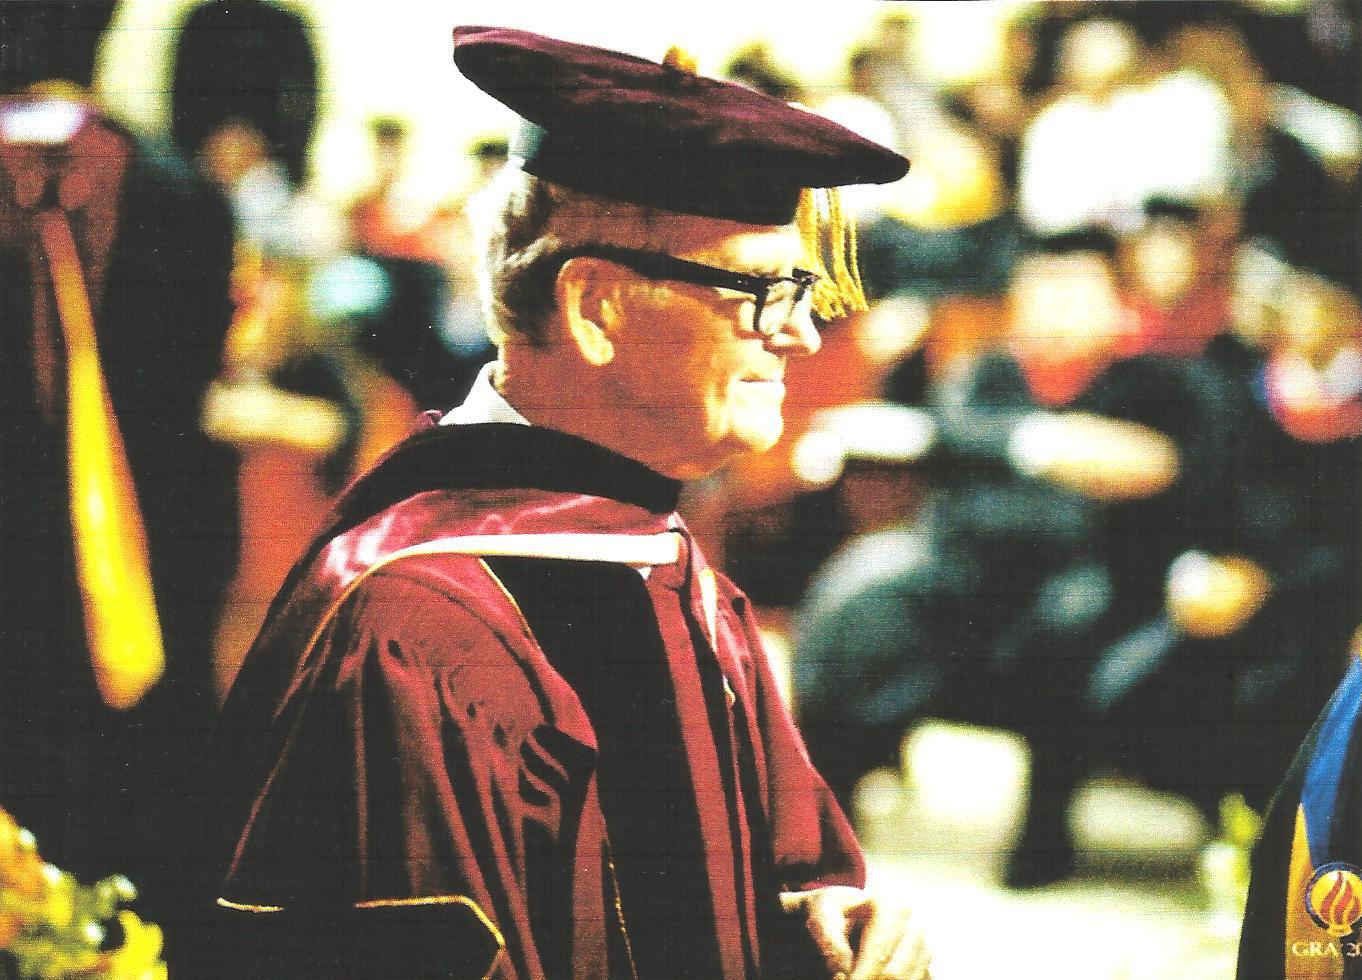 Hein-Rodolfo,-Doctorado,-Univ.-Adv.-C.Rica,-2014